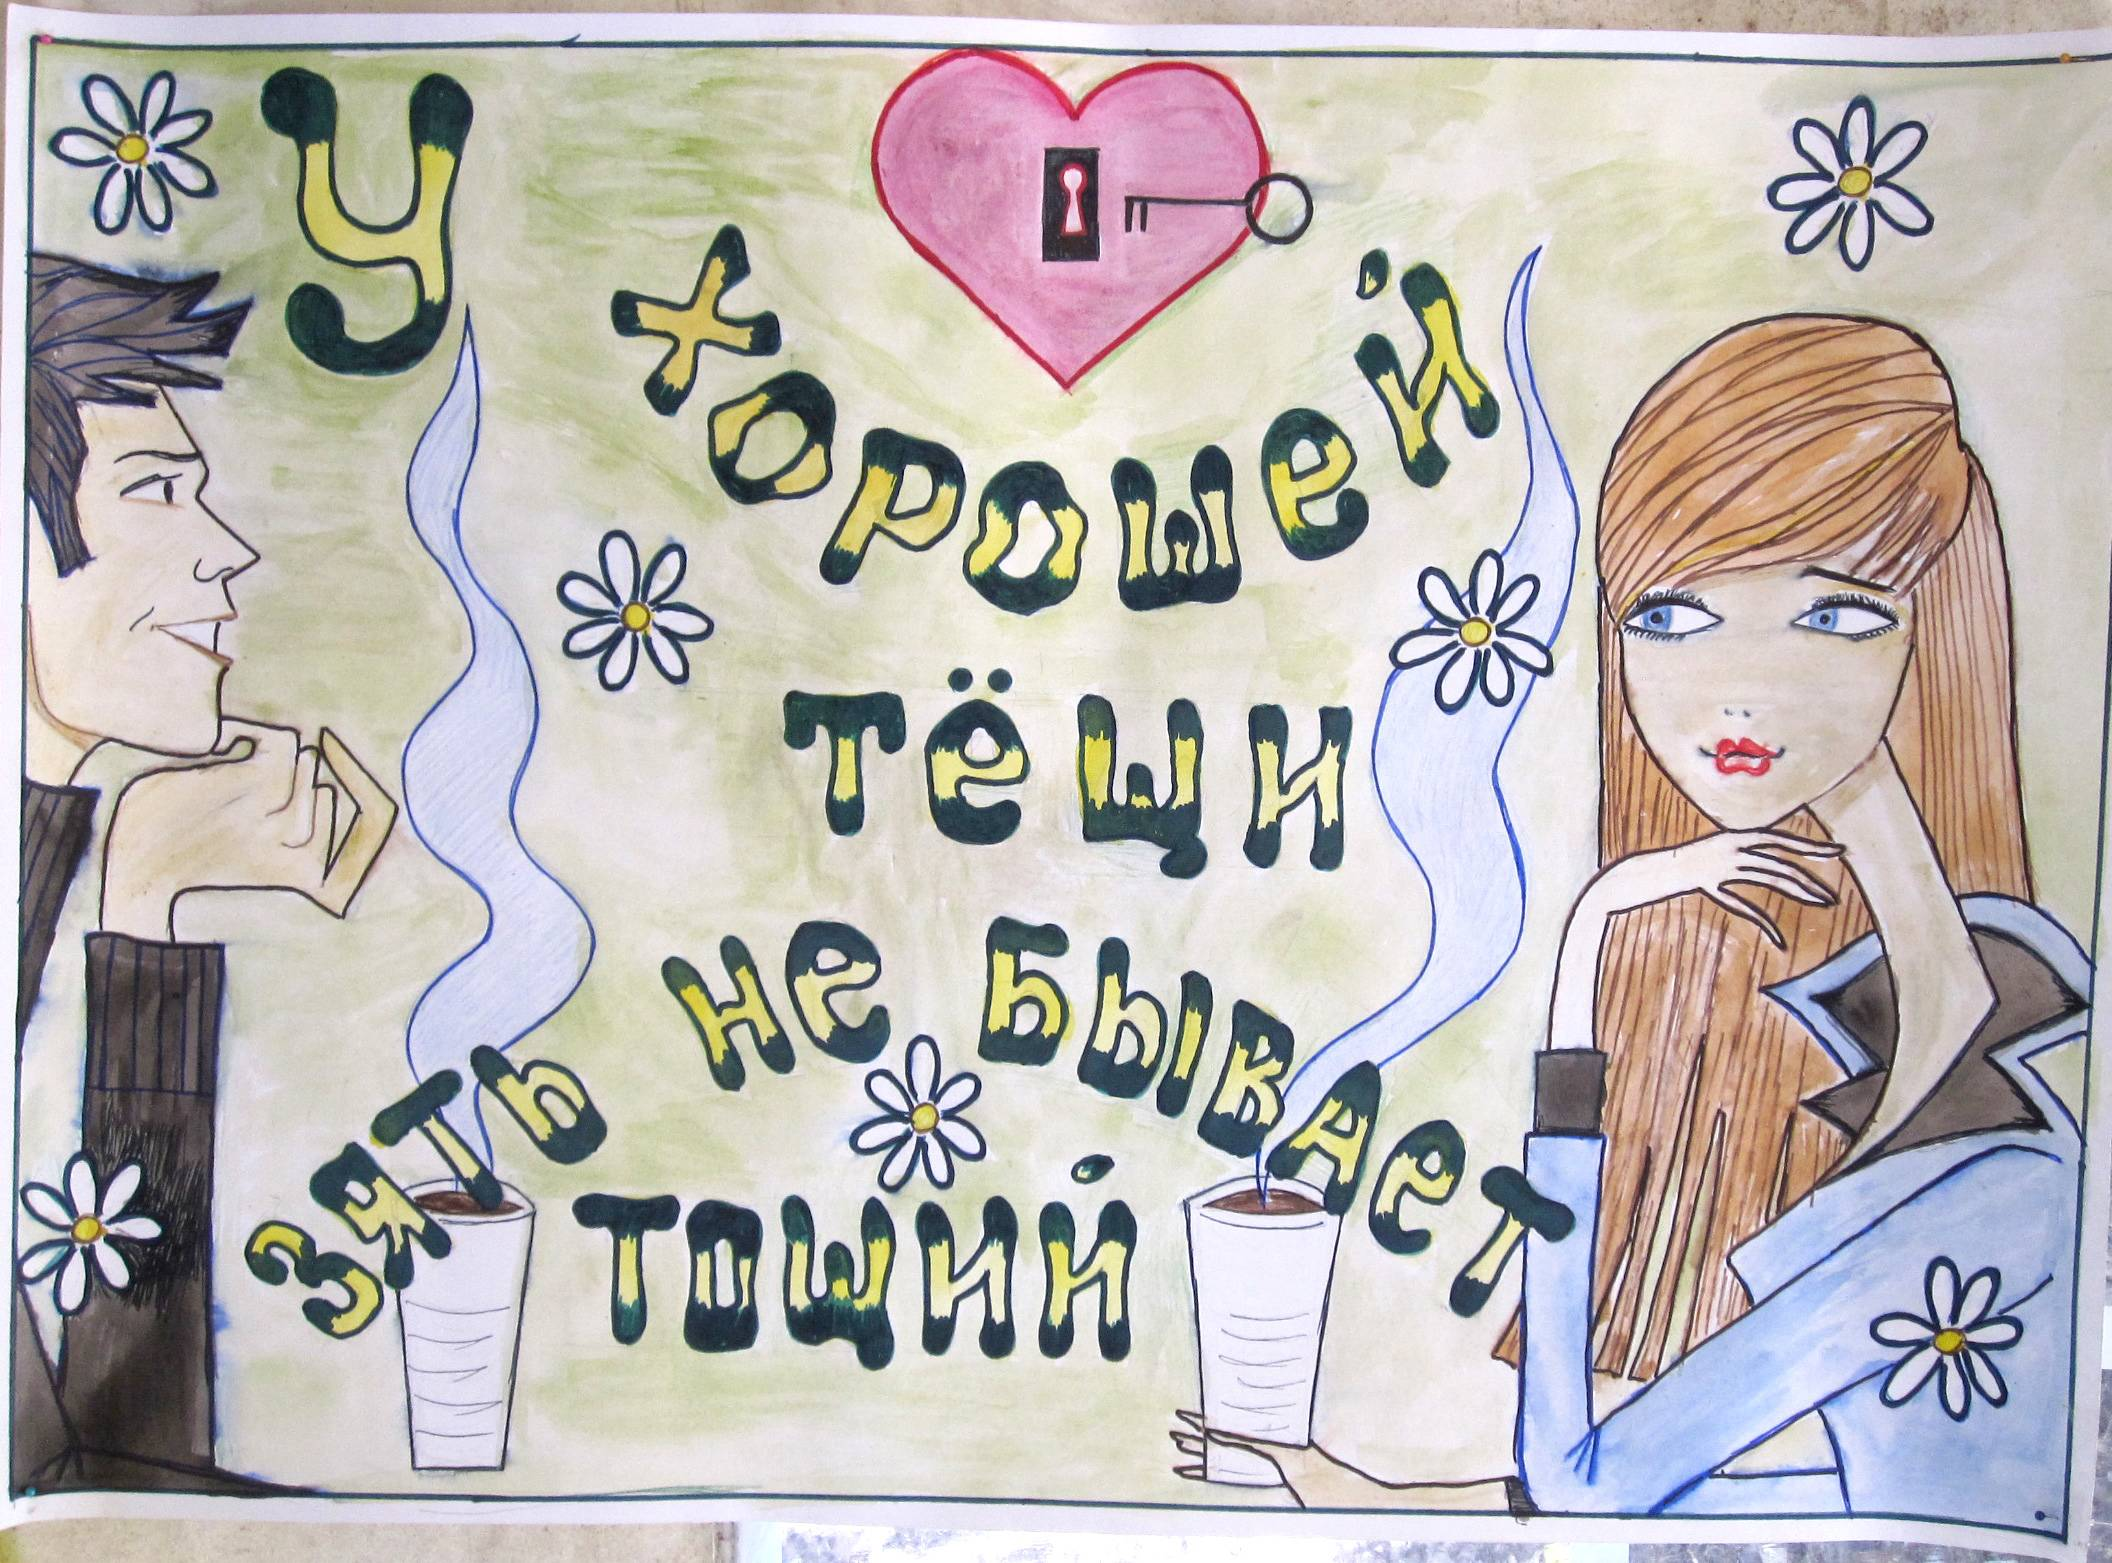 Идеи шуточных плакатов на свадьбу своими руками. плакаты на свадьбу своими руками: оригинальные идеи на день бракосочетания и годовщину